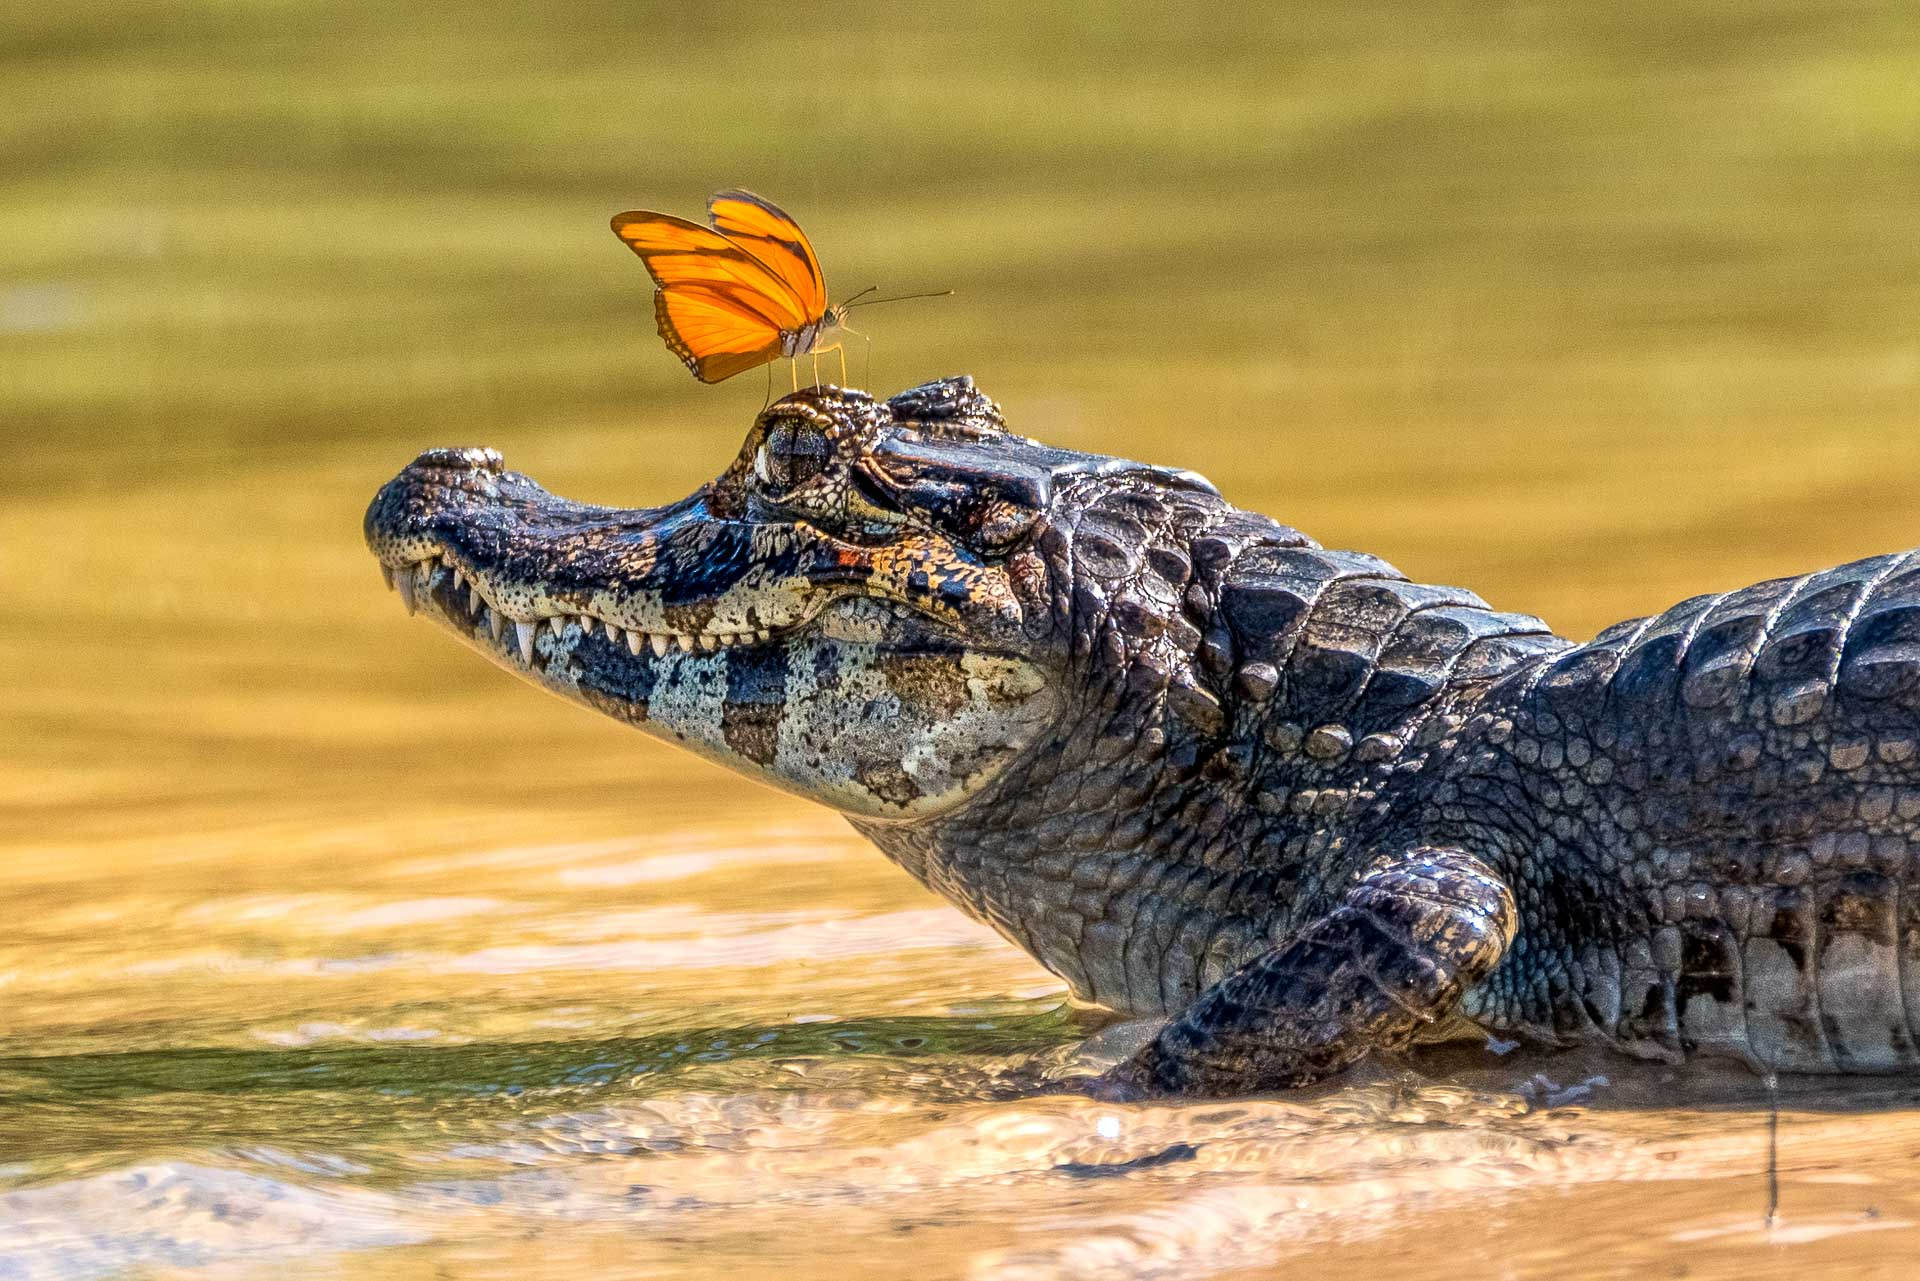 Kaiman mit einem Schmetterling fotografiert auf einer Fotoreise durch Brasiliens Pantanal